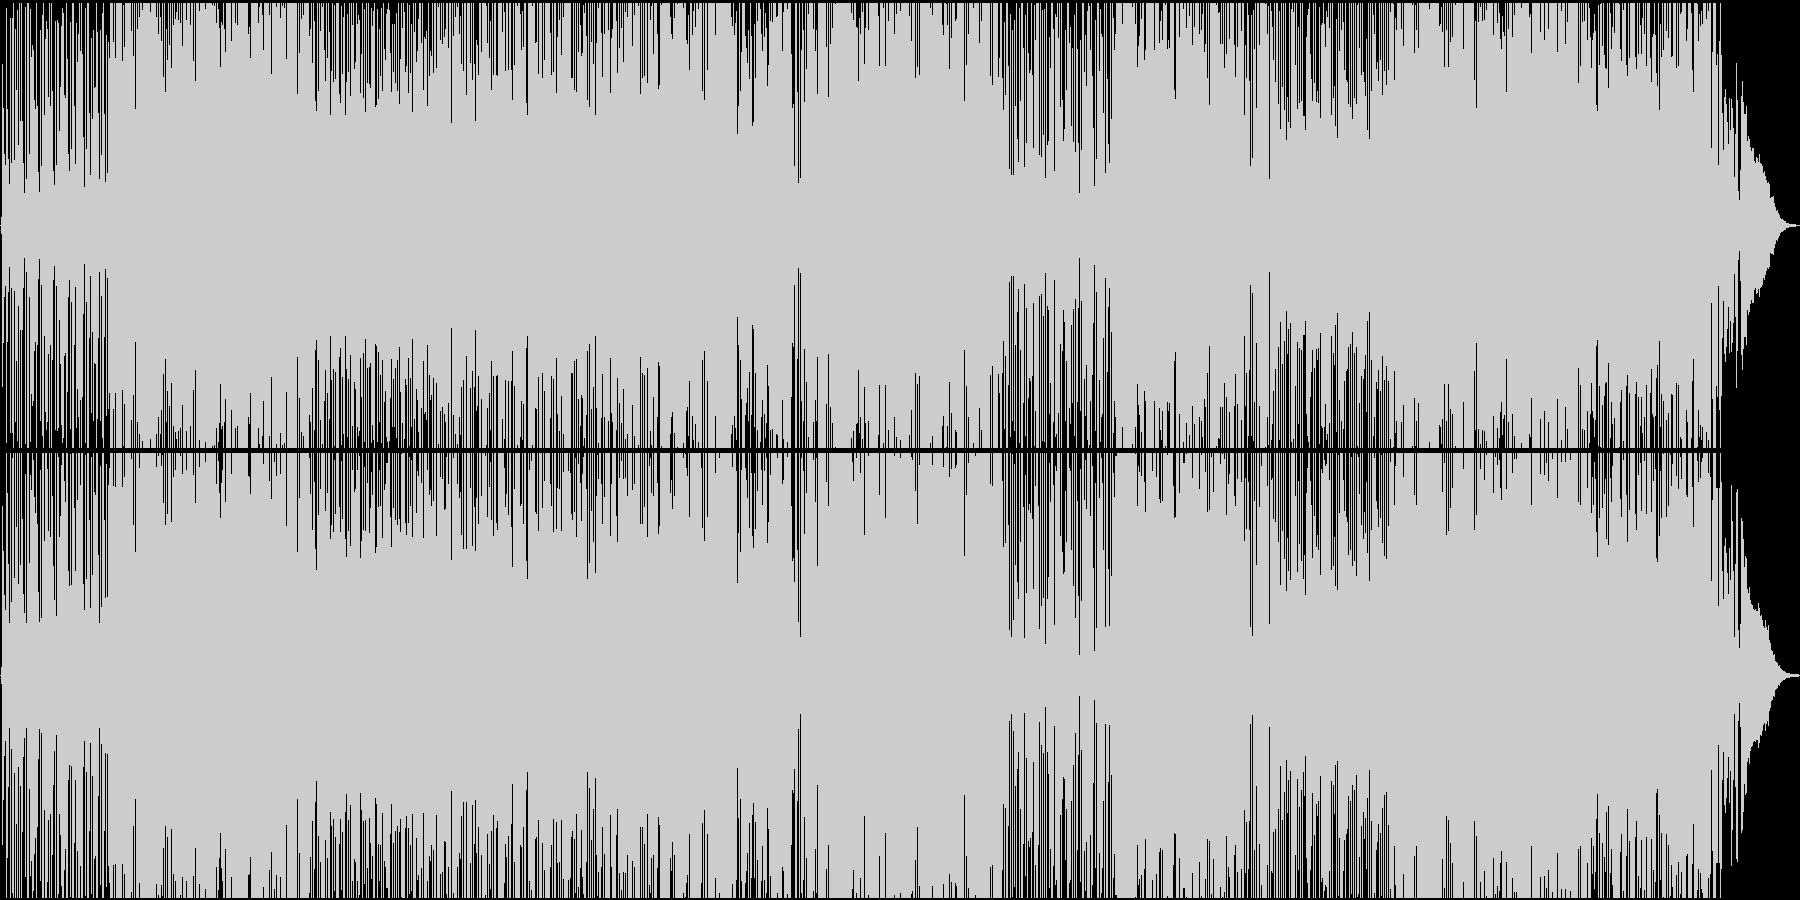 サックスの印象的なリズミカルなナンバーの未再生の波形